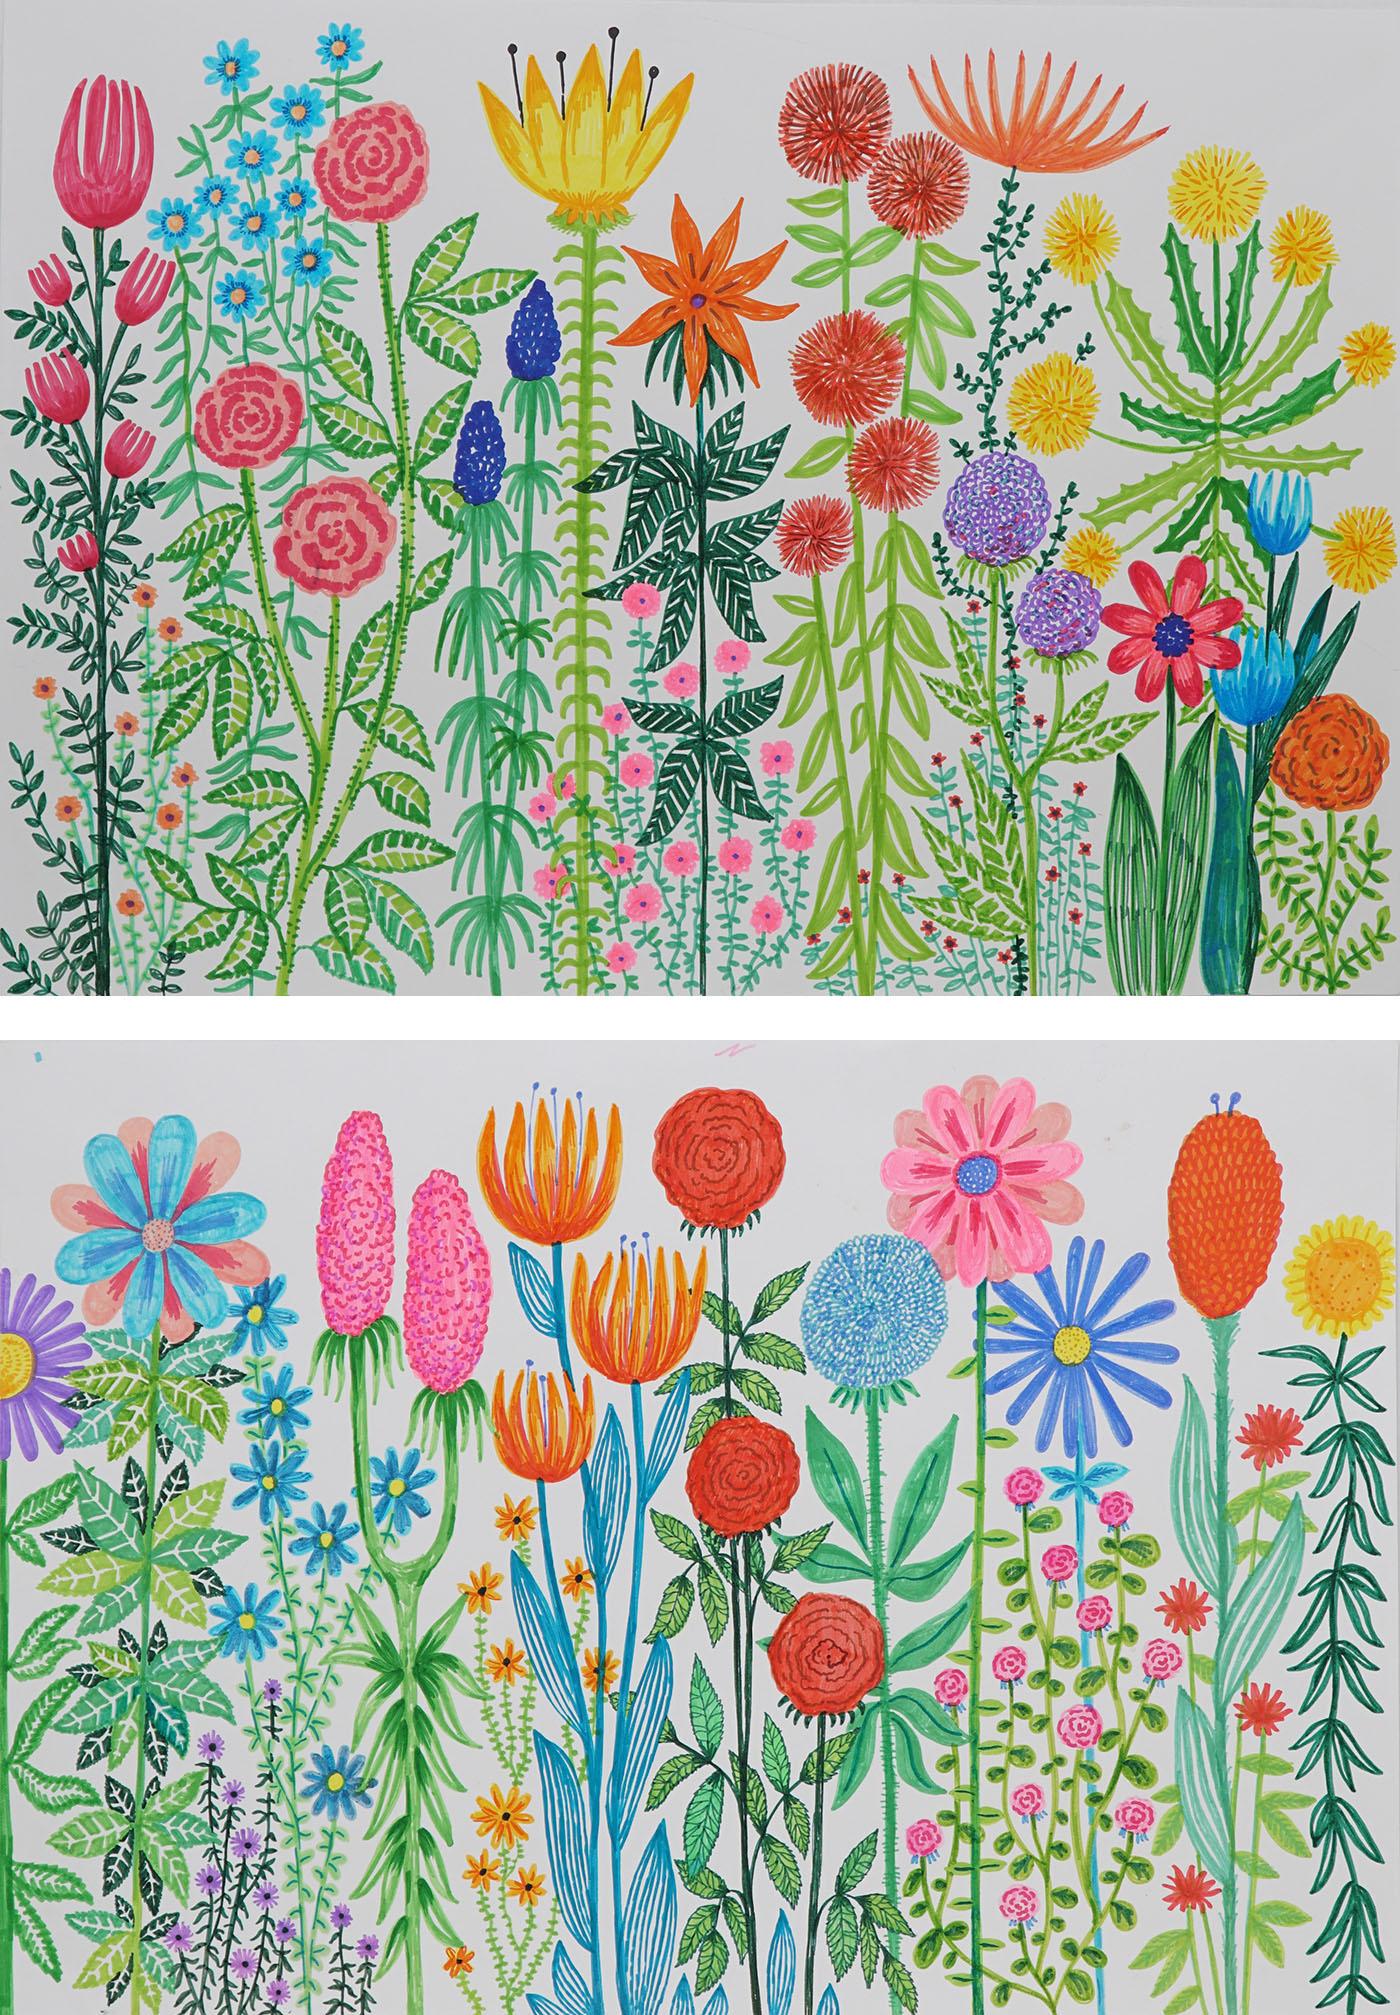 Kwiaty 1, Kwiaty 2, 2020